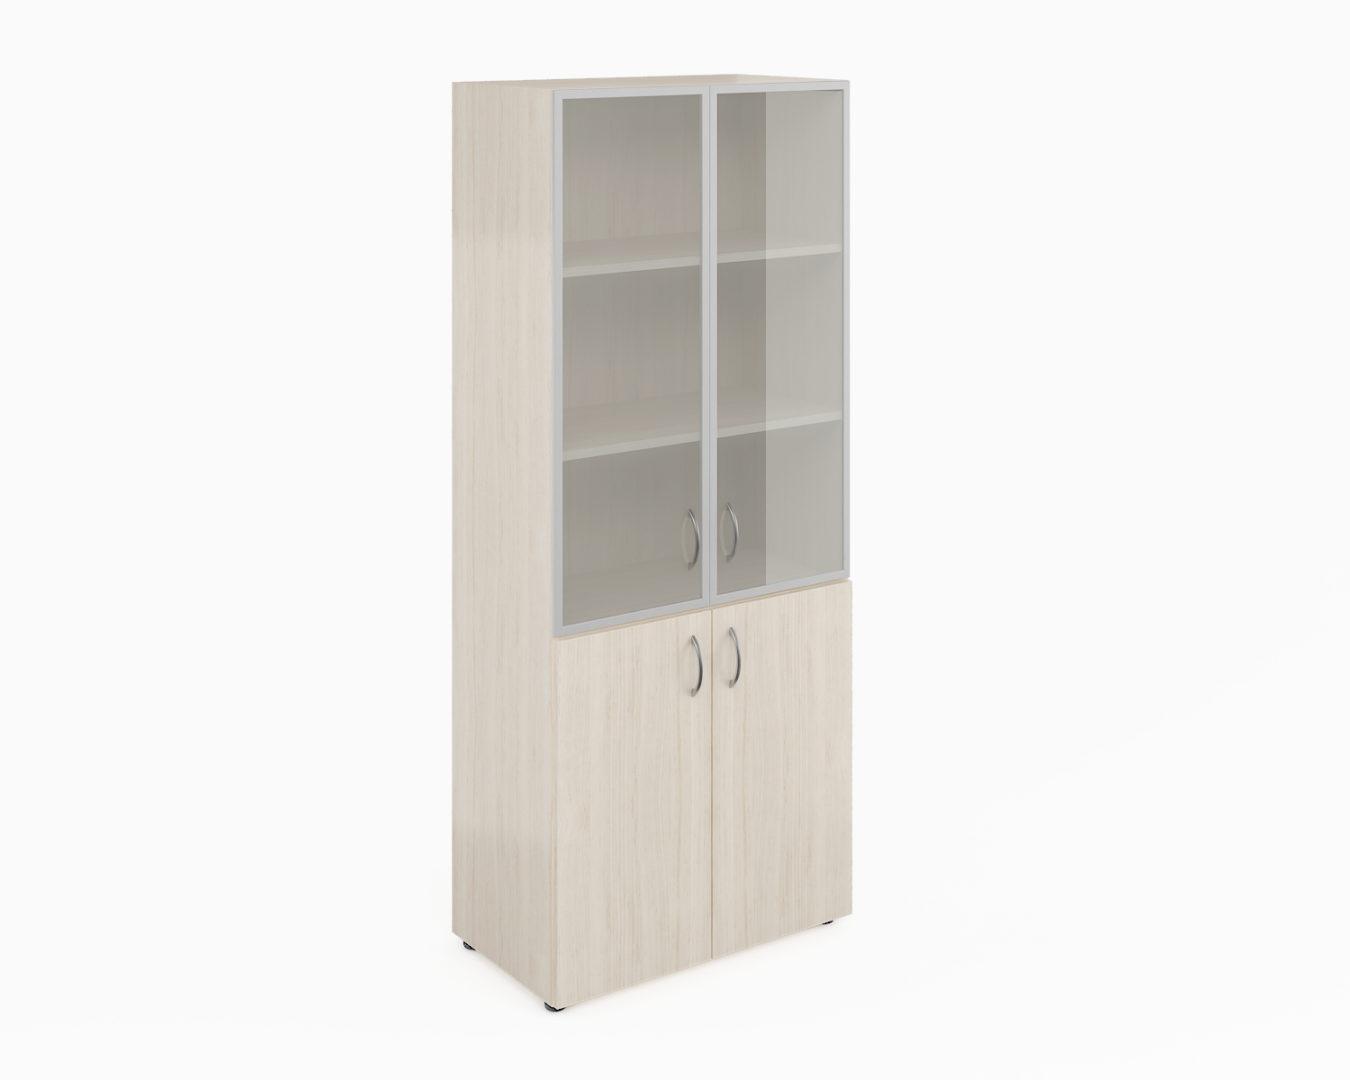 Шкаф широкий высокий со стеклом в алюм. раме (без топа) ФР-6.0+8.0+S60.0*2+С504*2